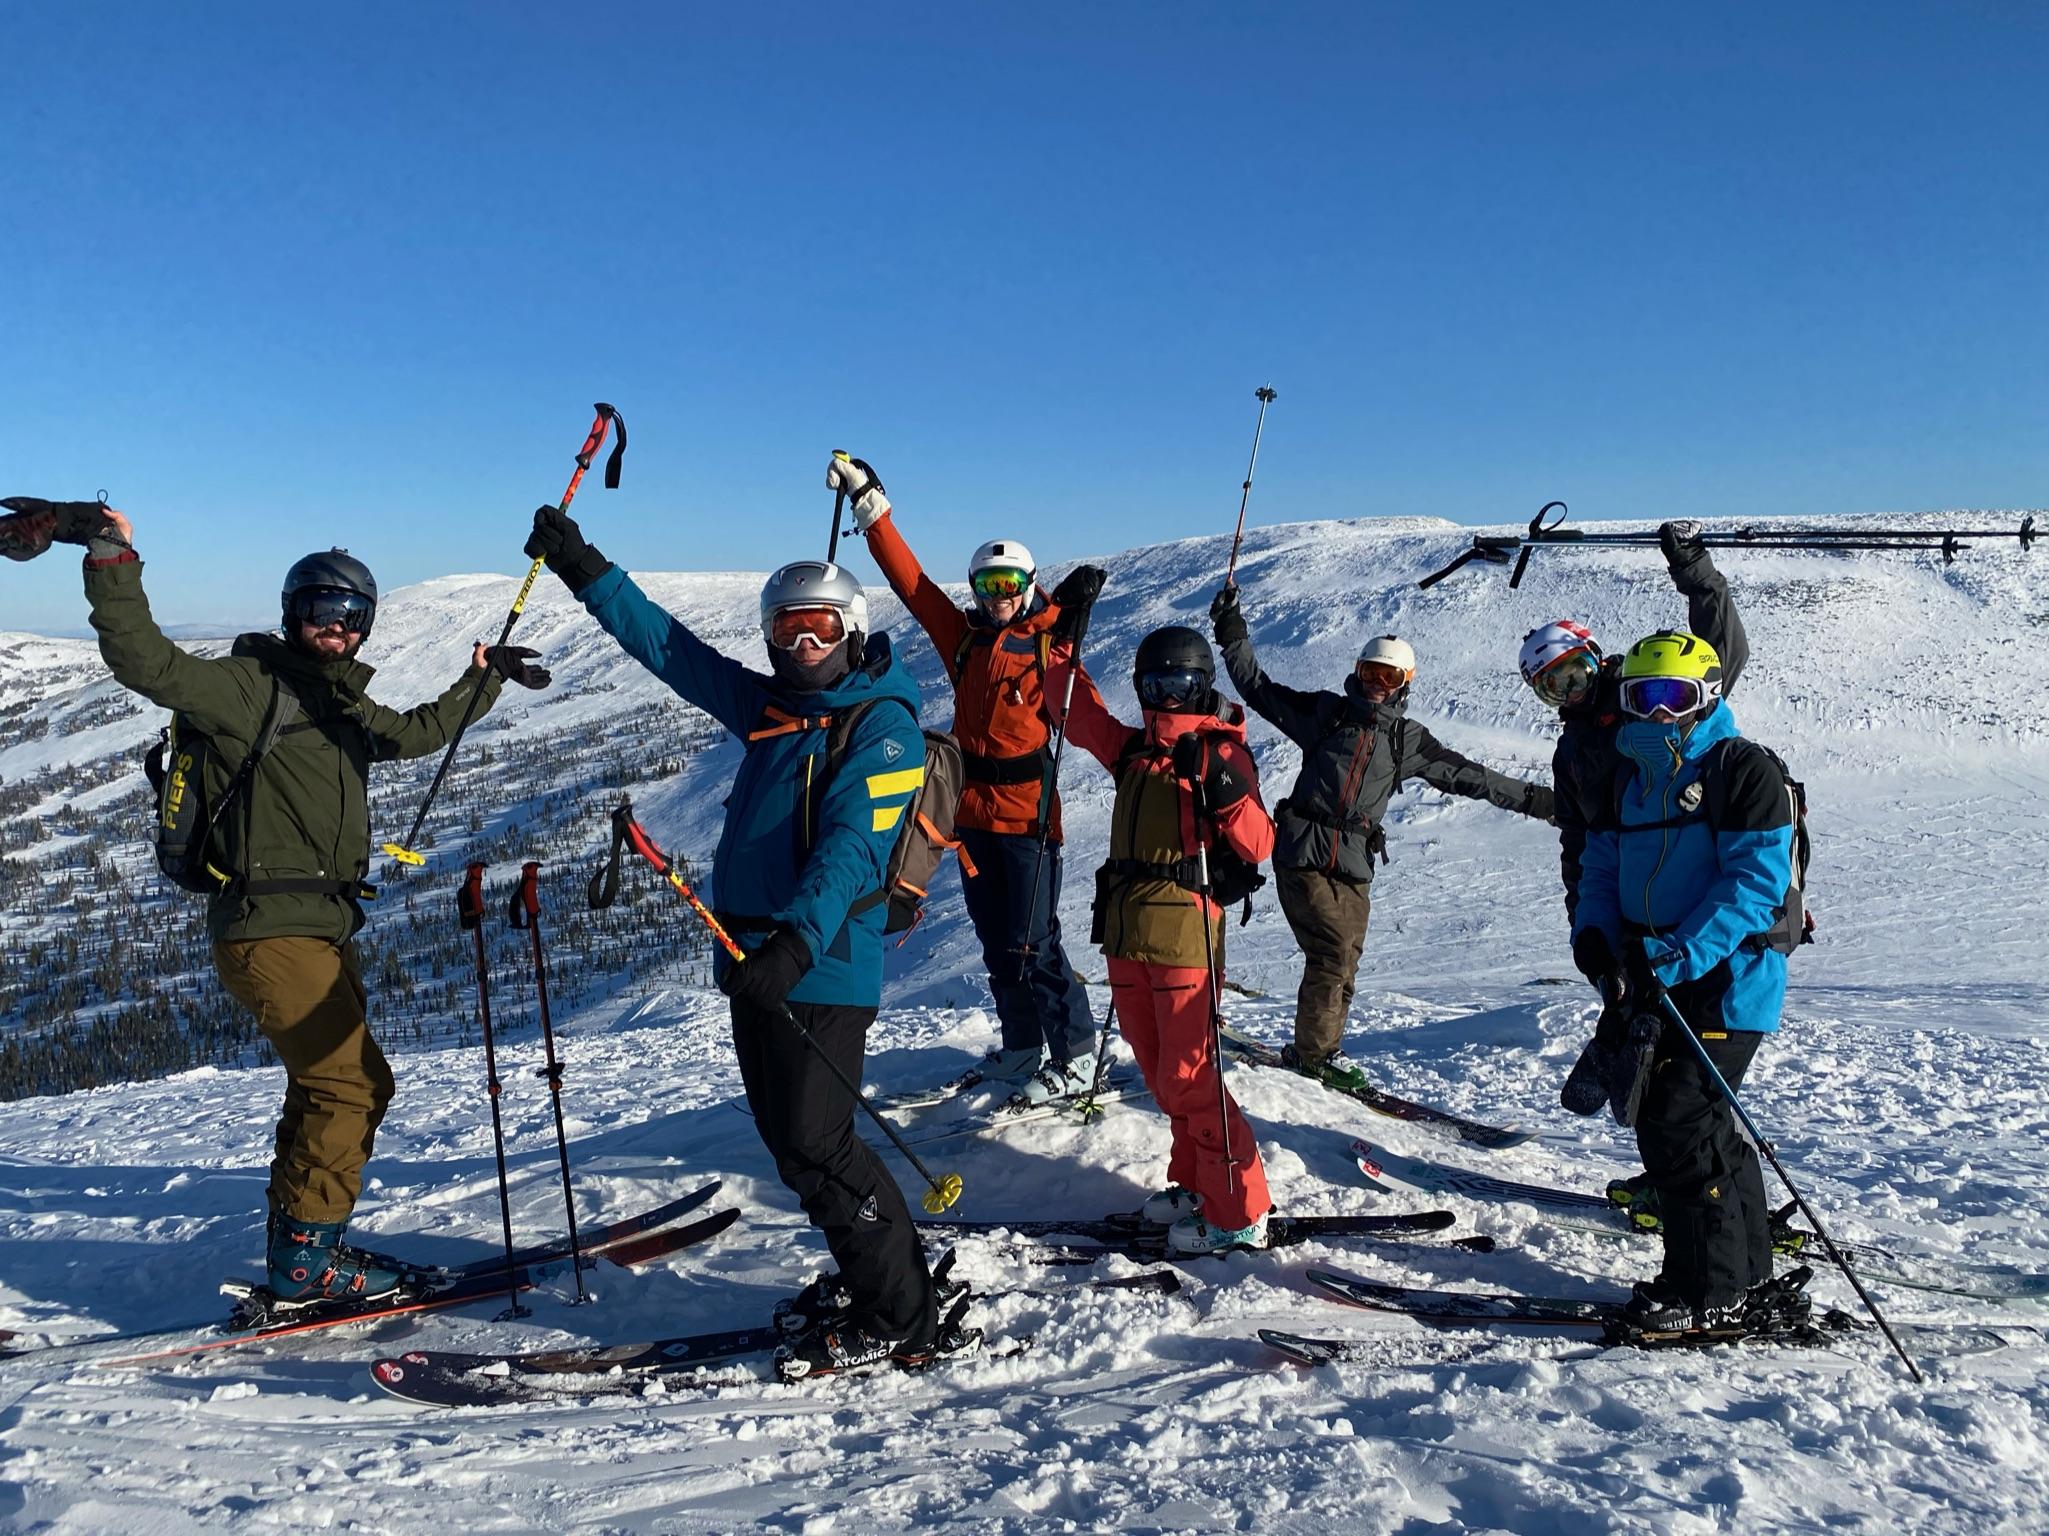 Ски-тур в Шерегеше